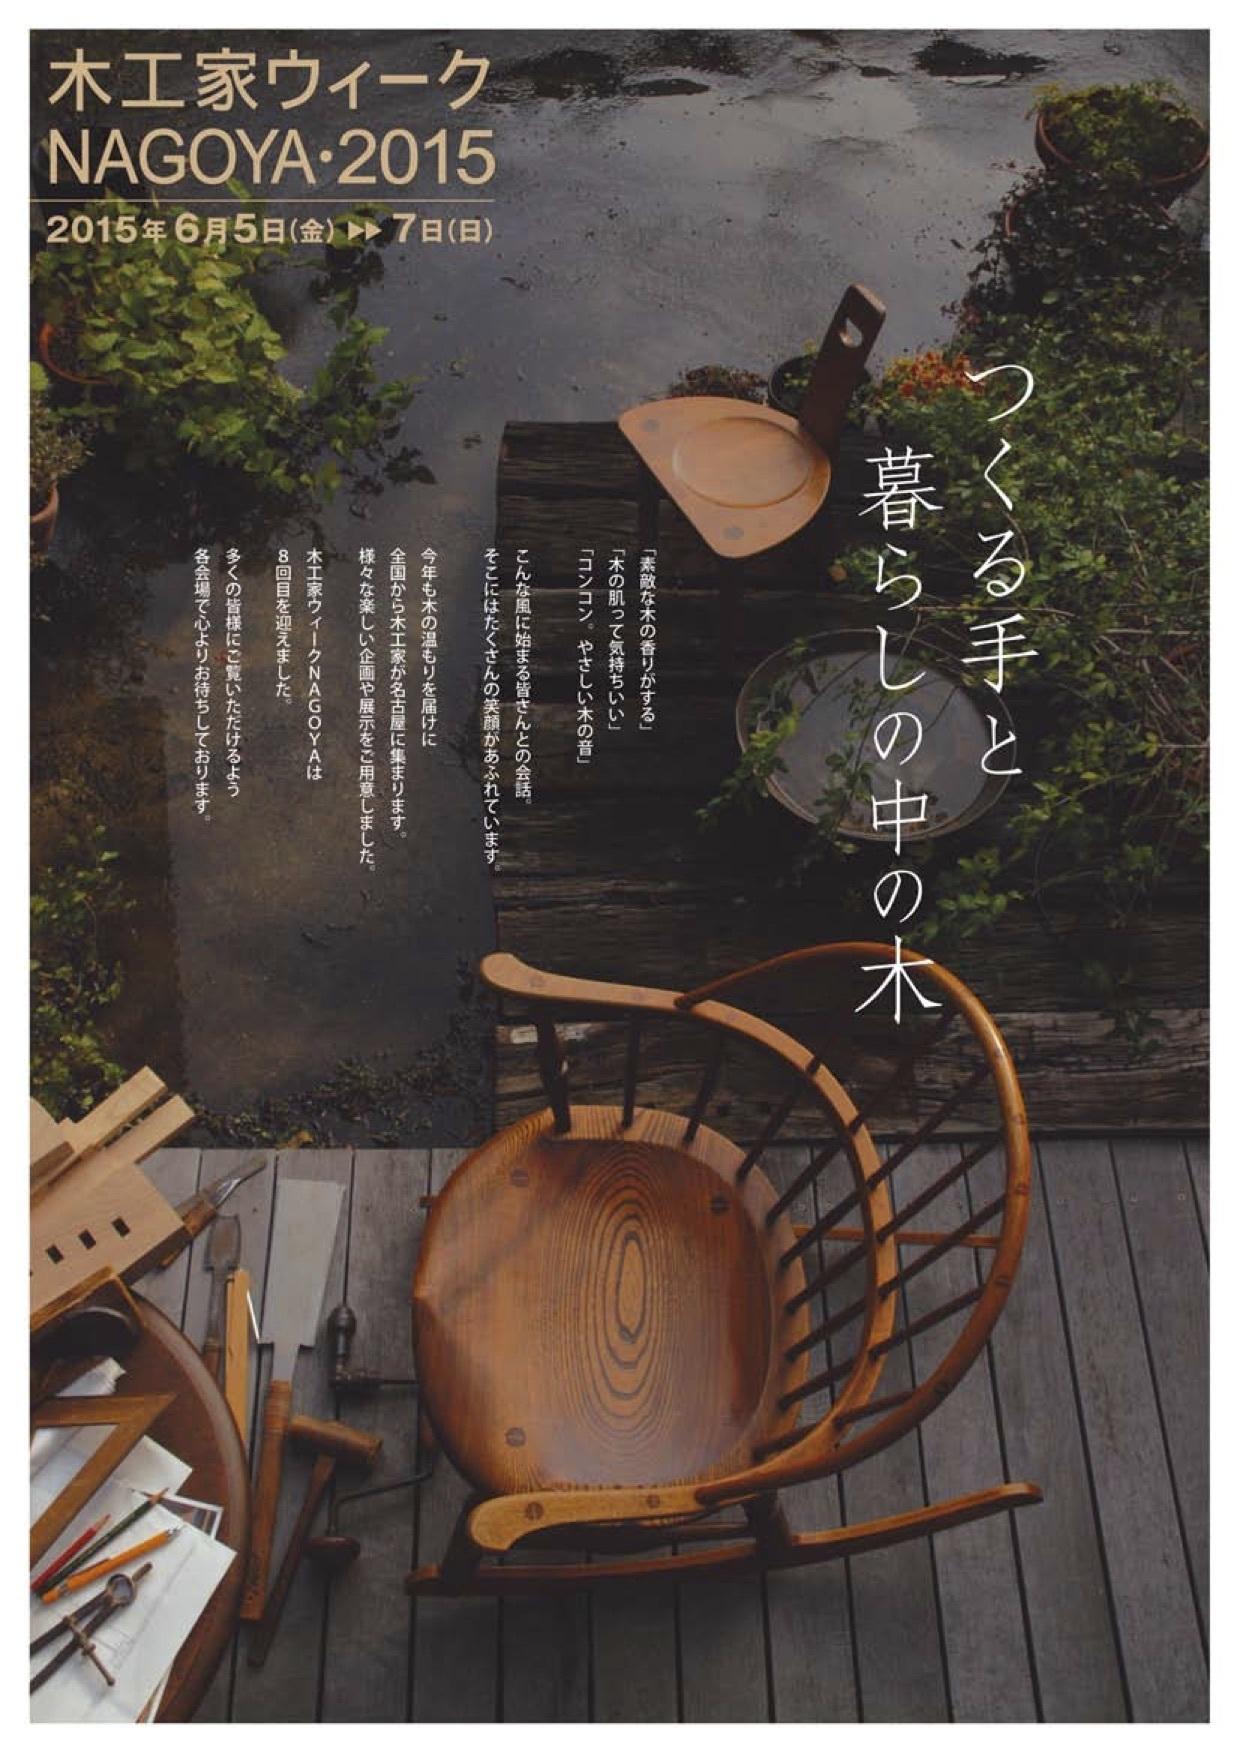 木工家ウィーク NAGOYA 2015_a0122528_19382114.jpg